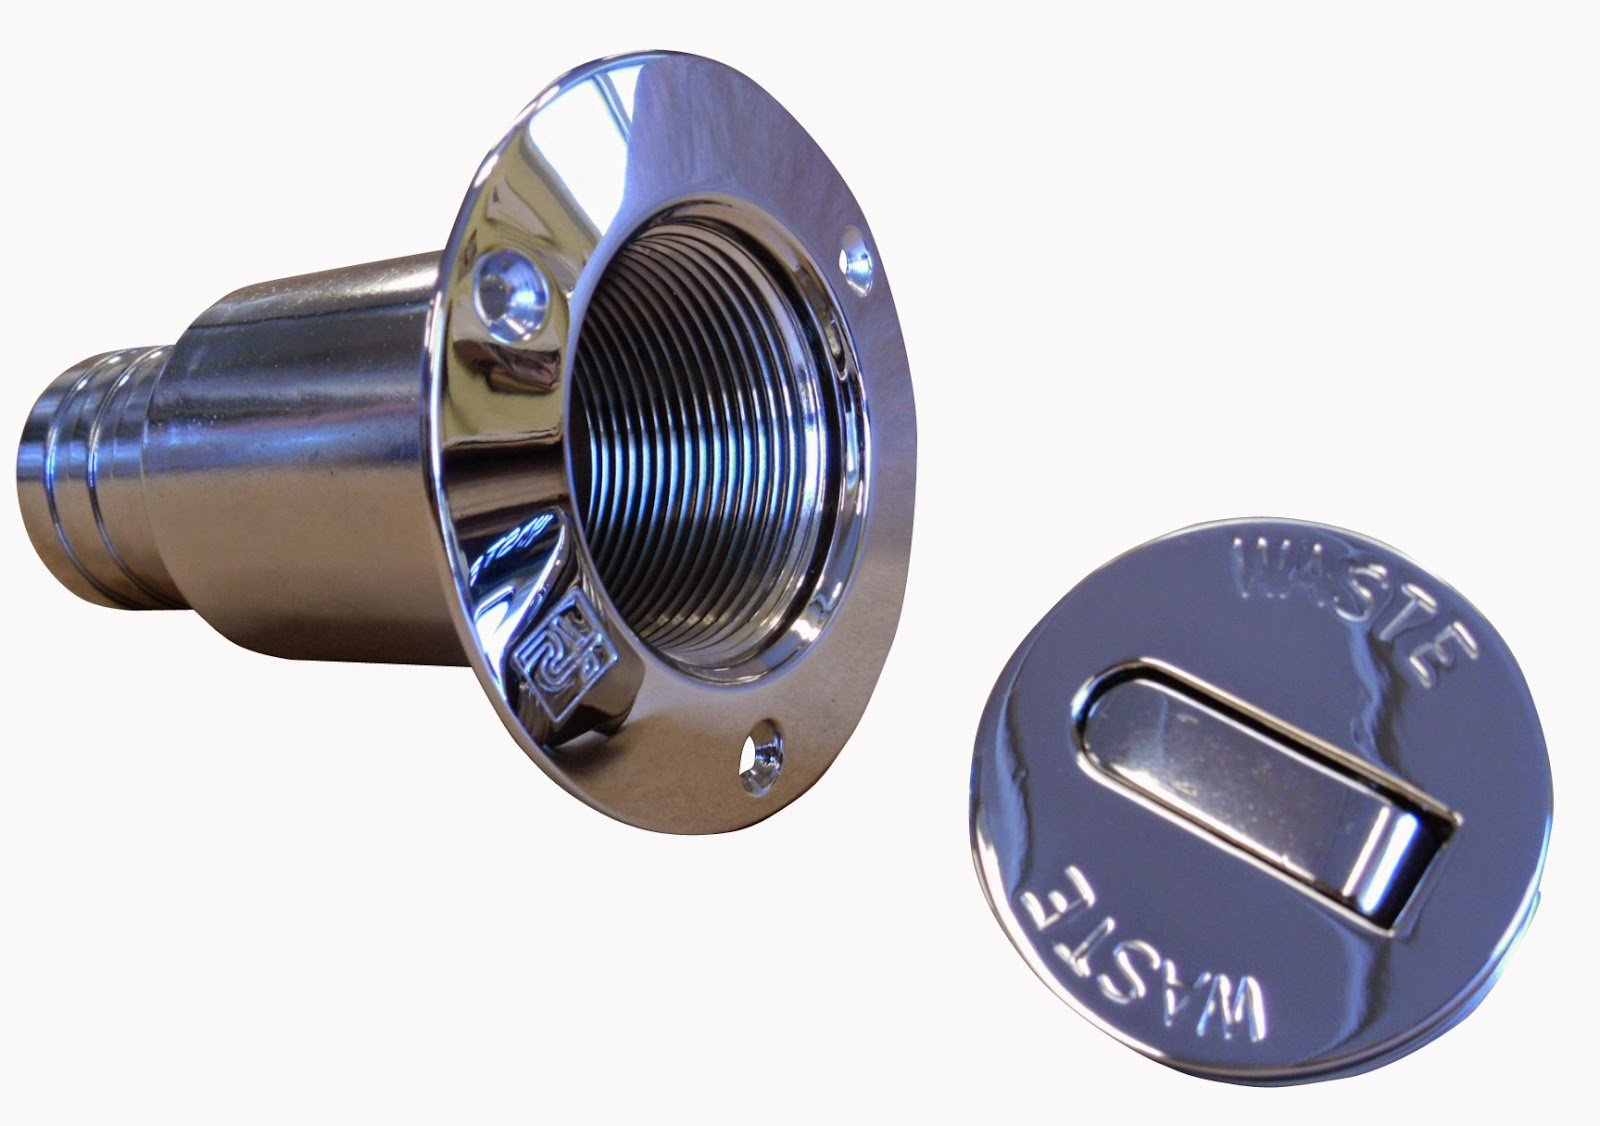 Dekksgjennomføring for tømming av septiktank i henhold til EN ISO 8099:2000